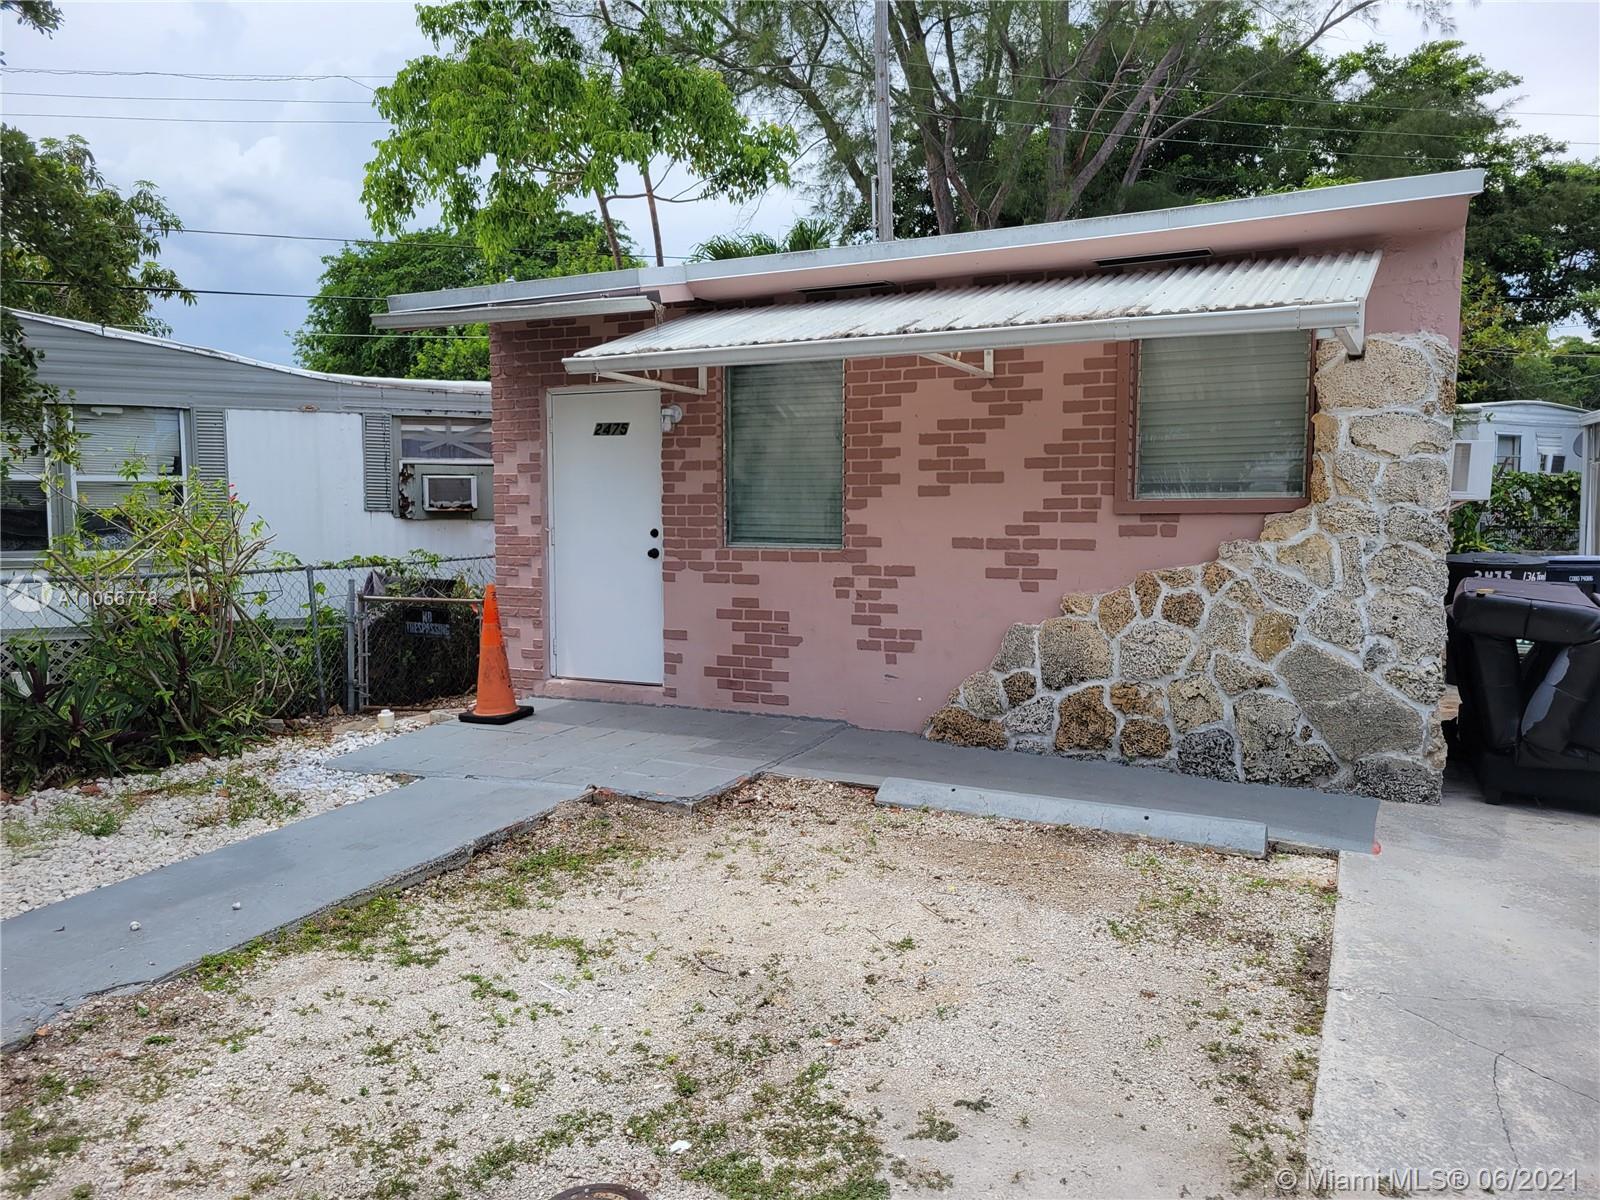 North Miami Beach - 2475 NE 136th Ter, North Miami Beach, FL 33181